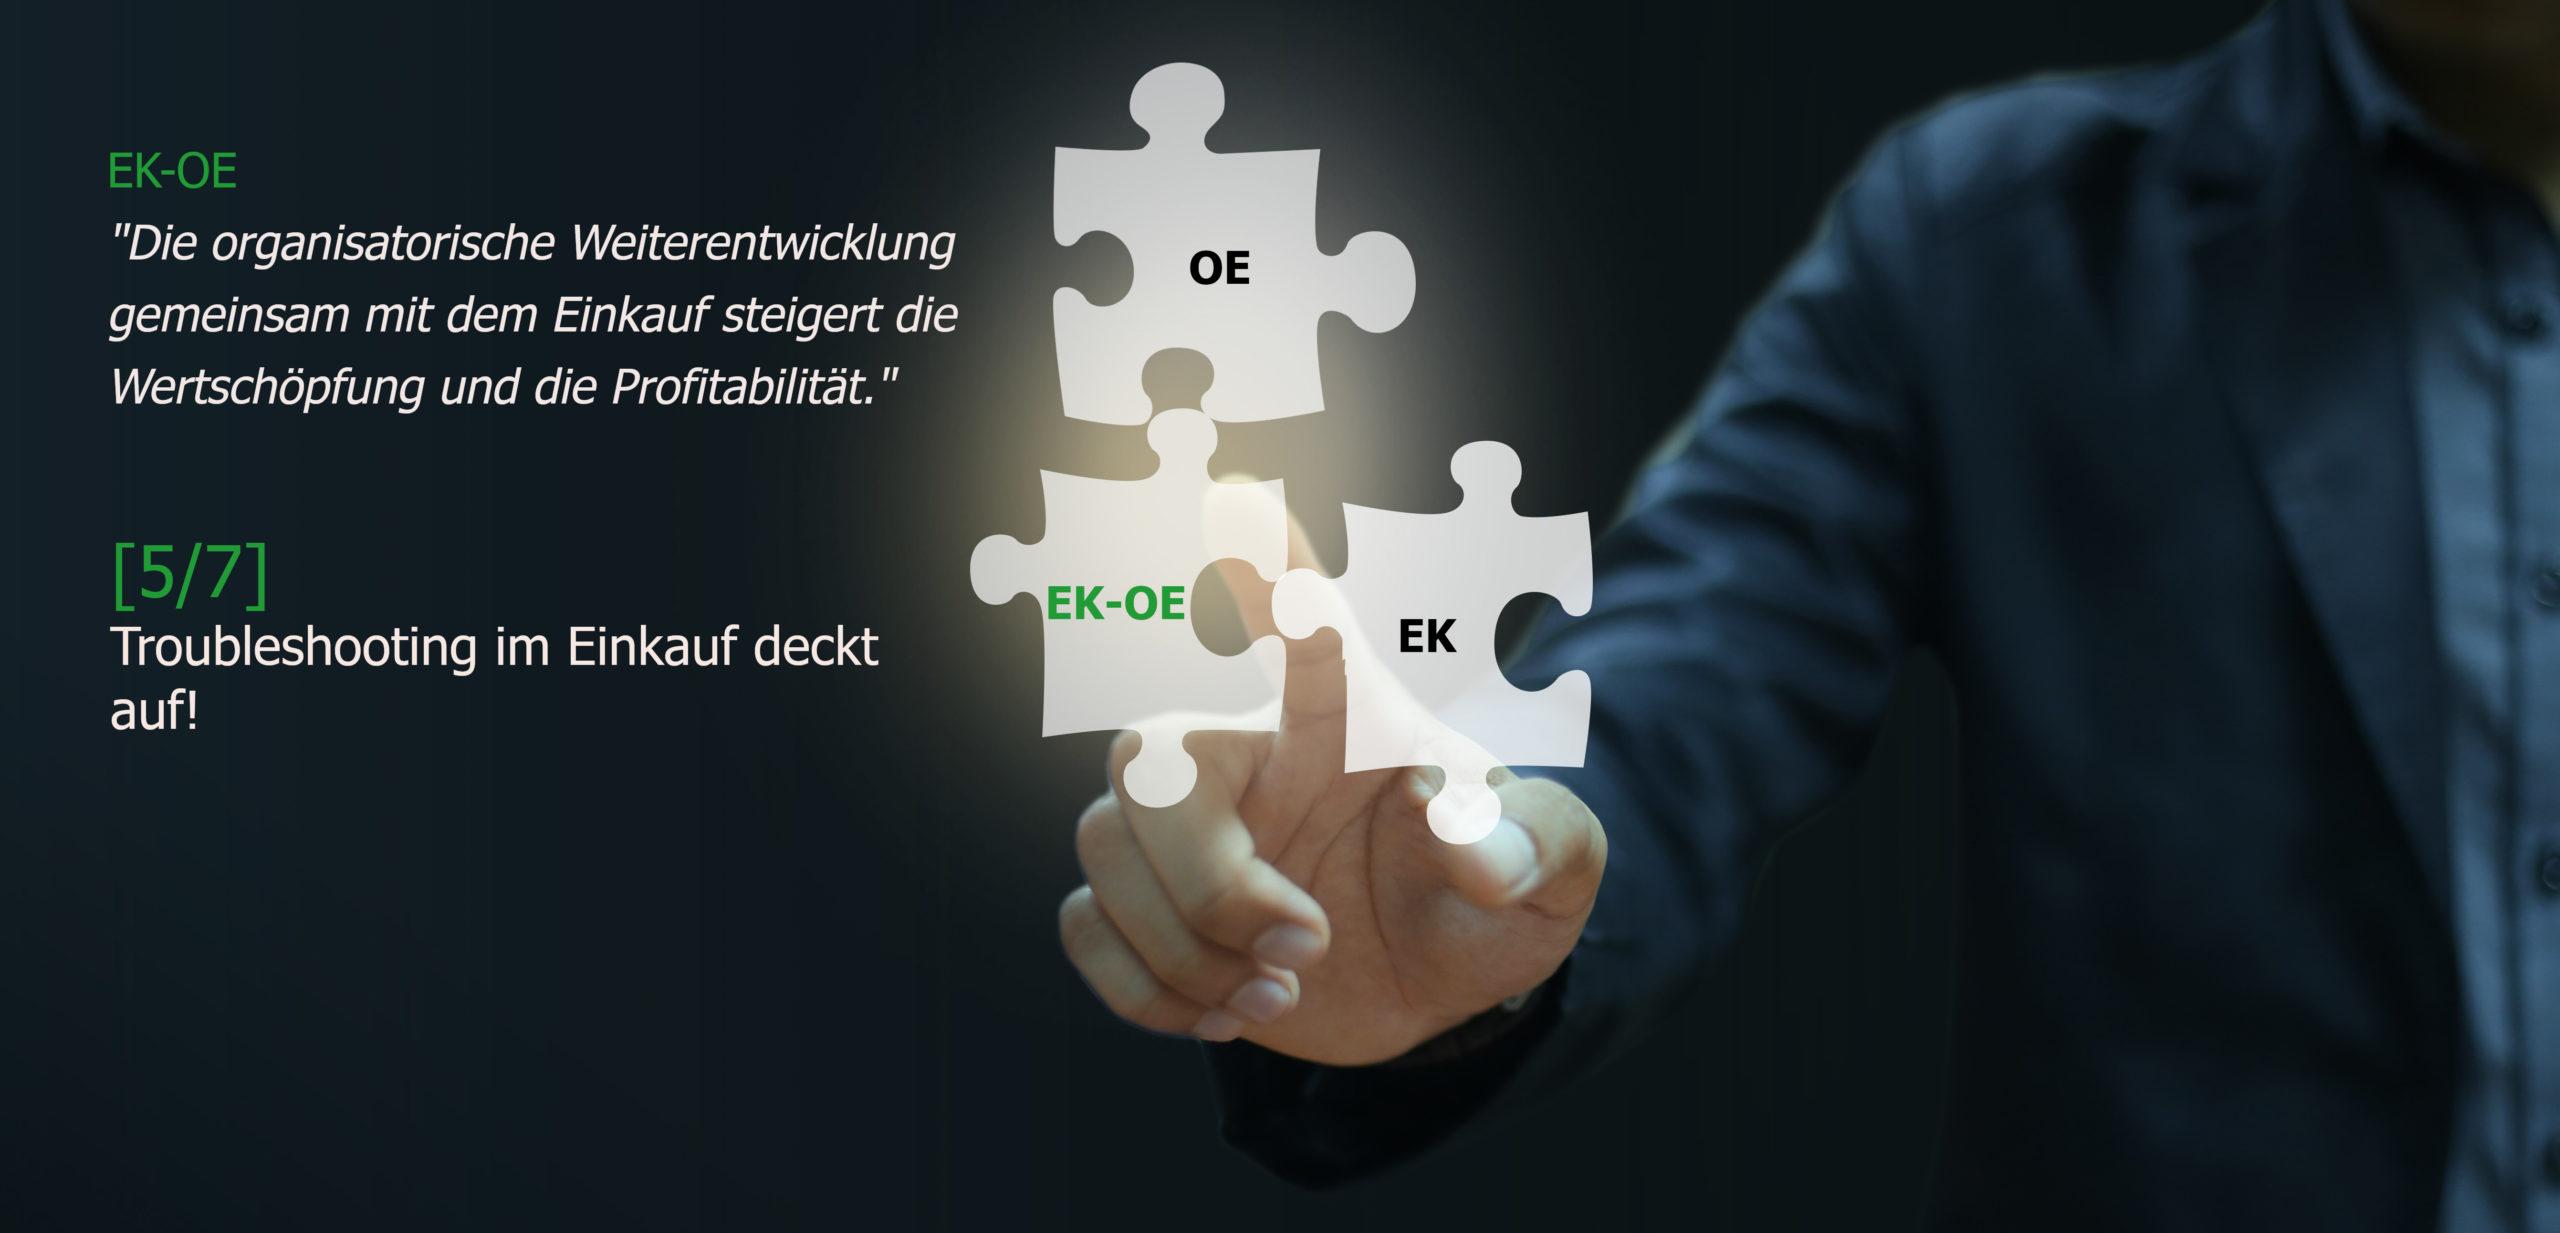 Troubleshooting Einkauf - Organisationsentwicklung, Einkaufsberatung, Change Coach, Coaching, Markus Kruse, Essen